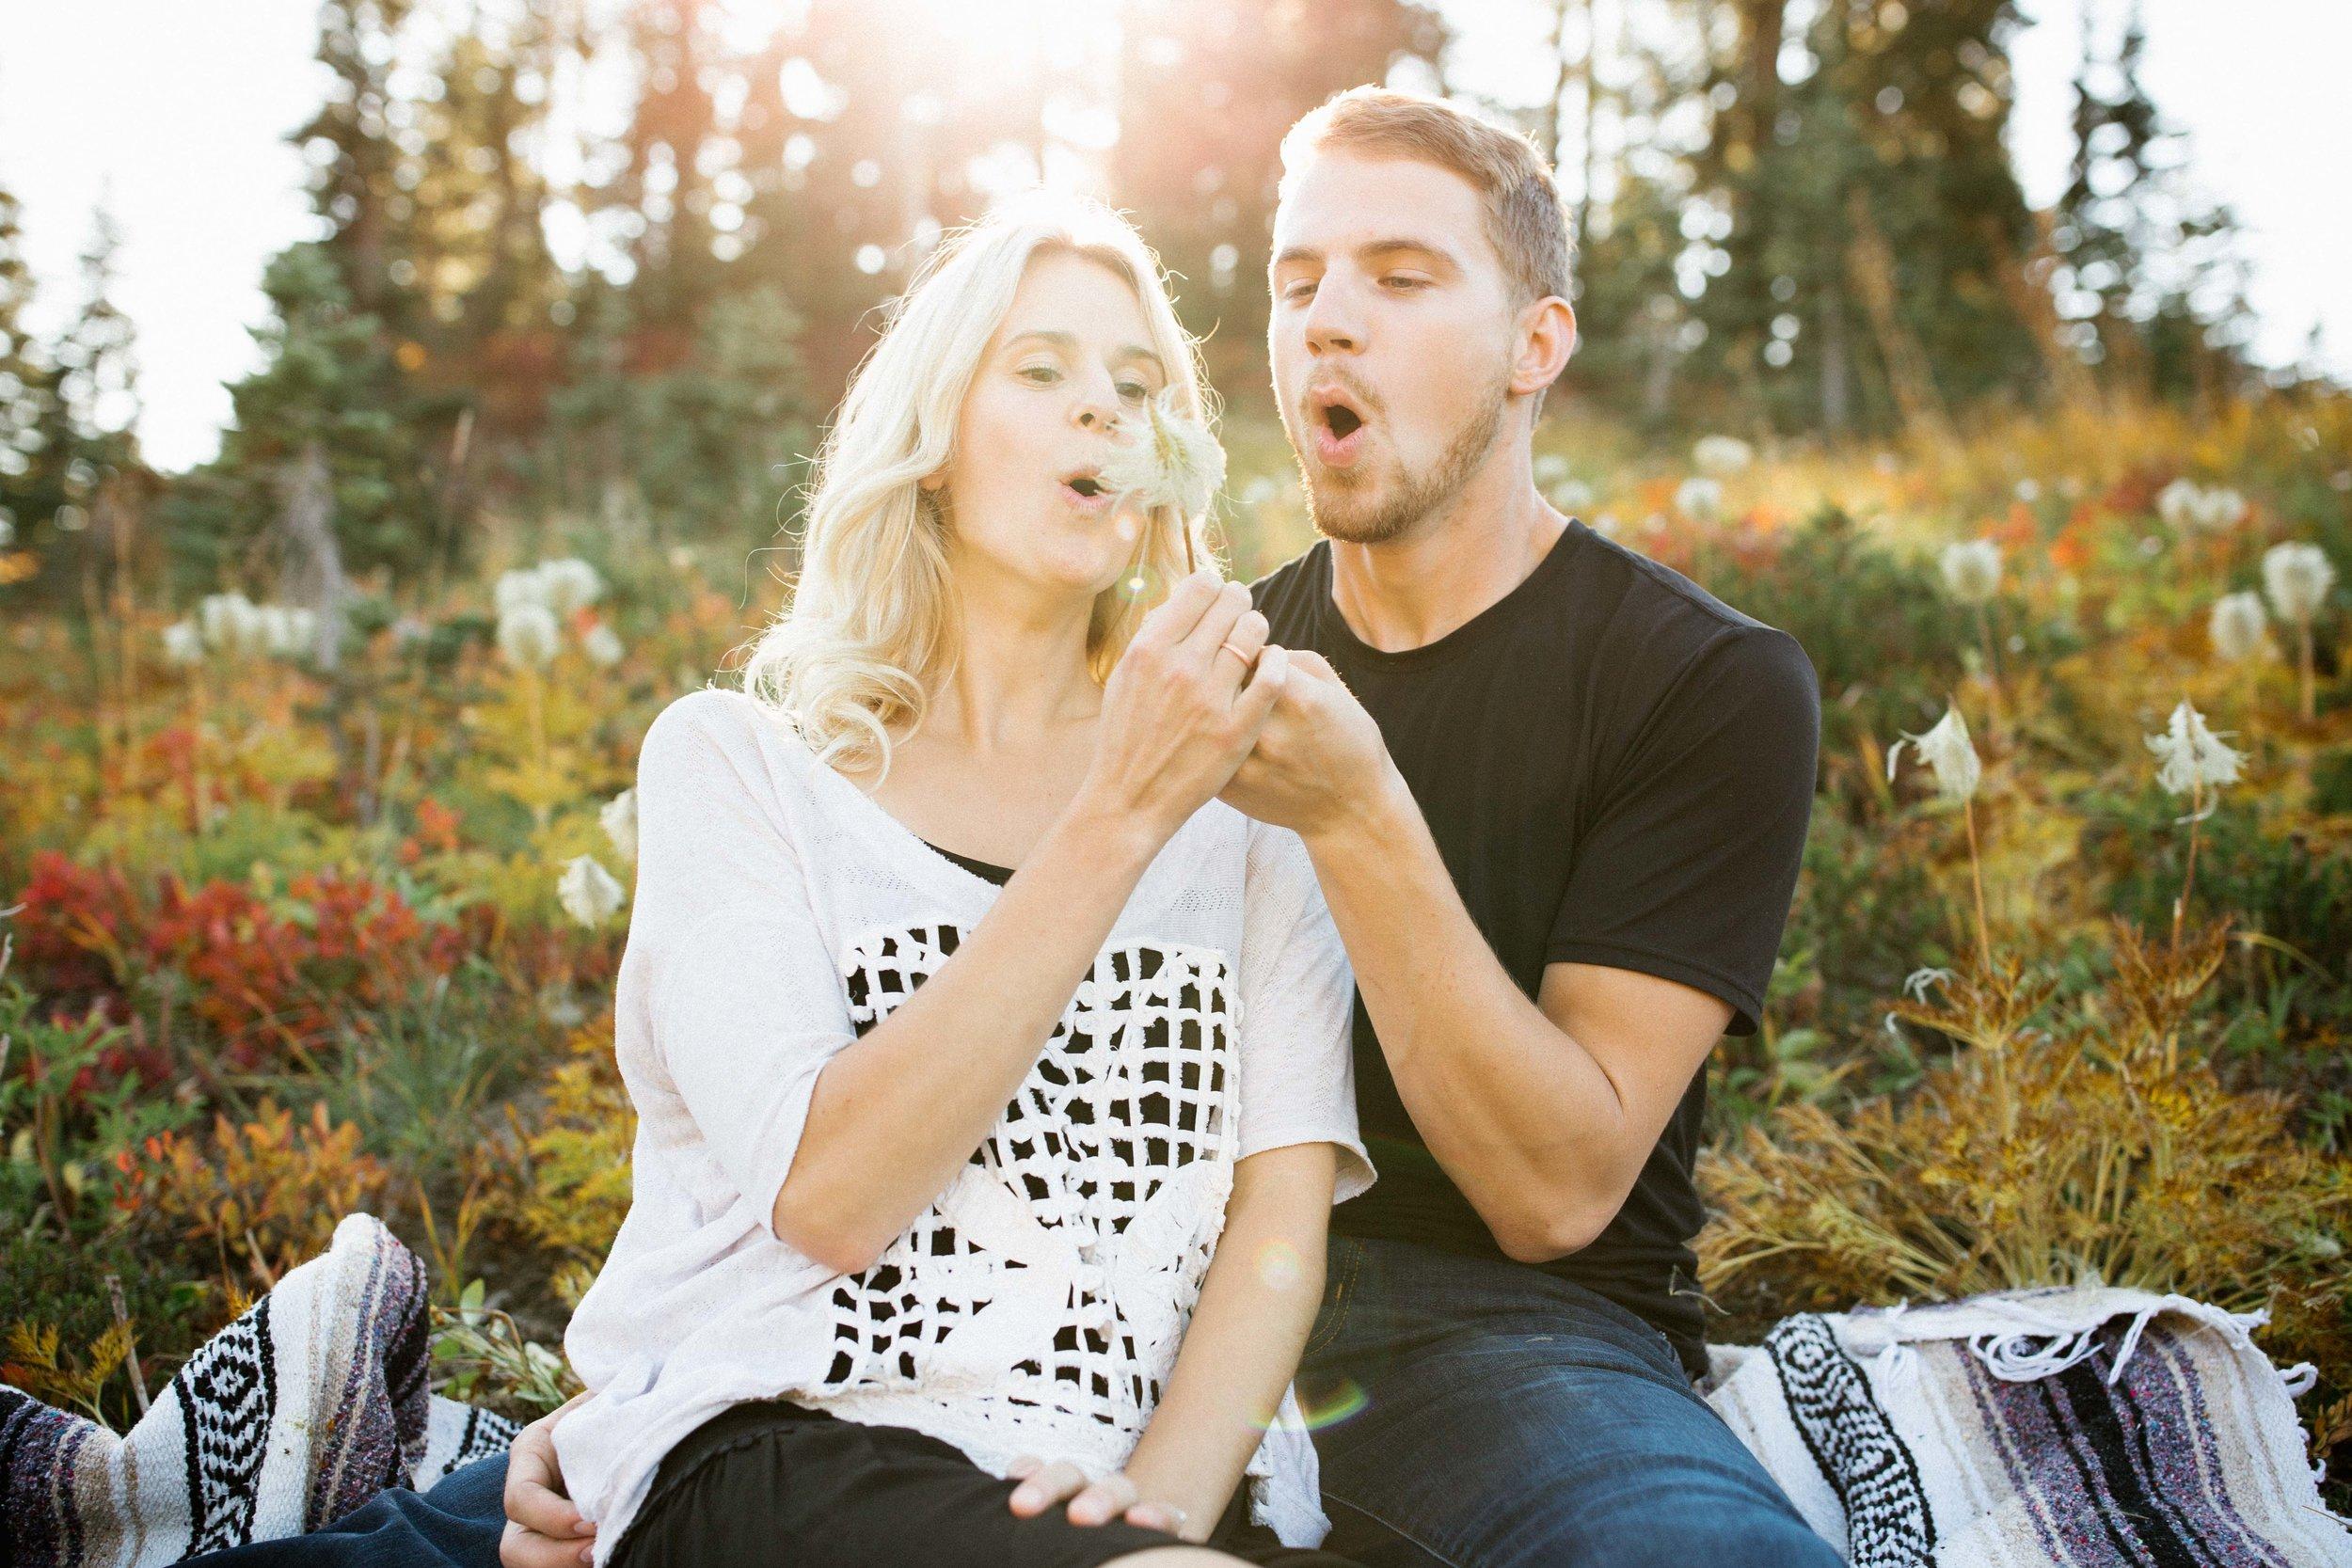 Alexis&Kyle-Engaged!BLOG-53.jpg